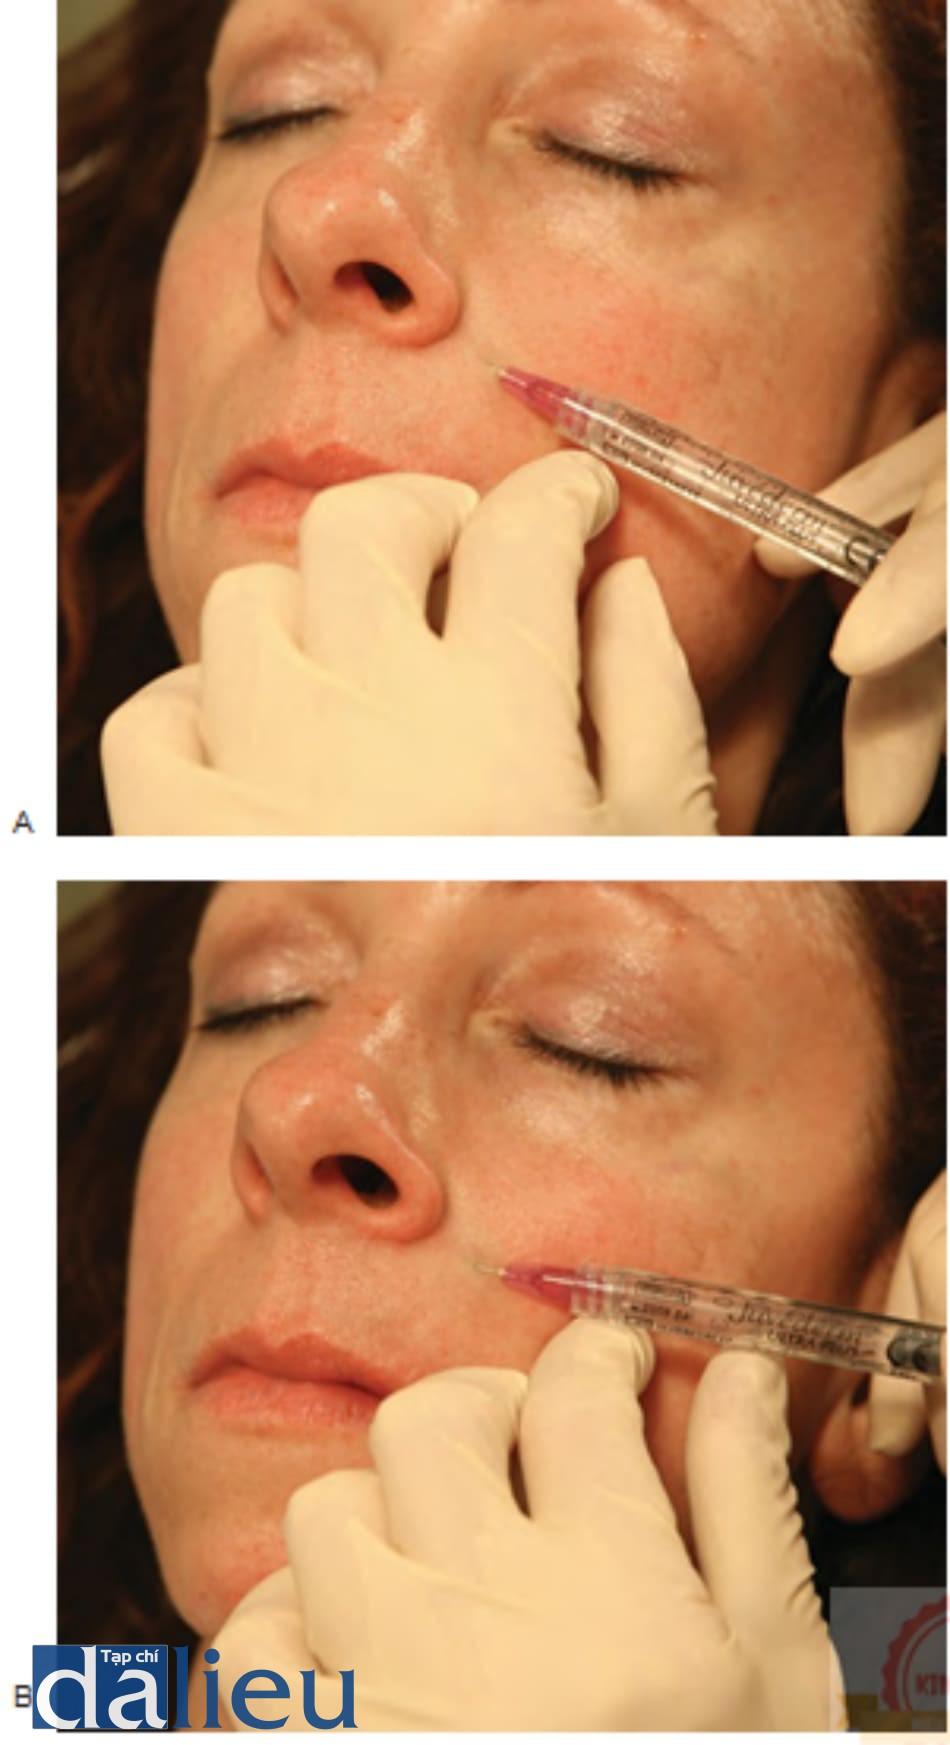 Hình 6 ● Hyaluronic acid chồng lớp trong điều trị các nếp gấp mũi má bên trên: lan dầnning từ (A) đến (B).